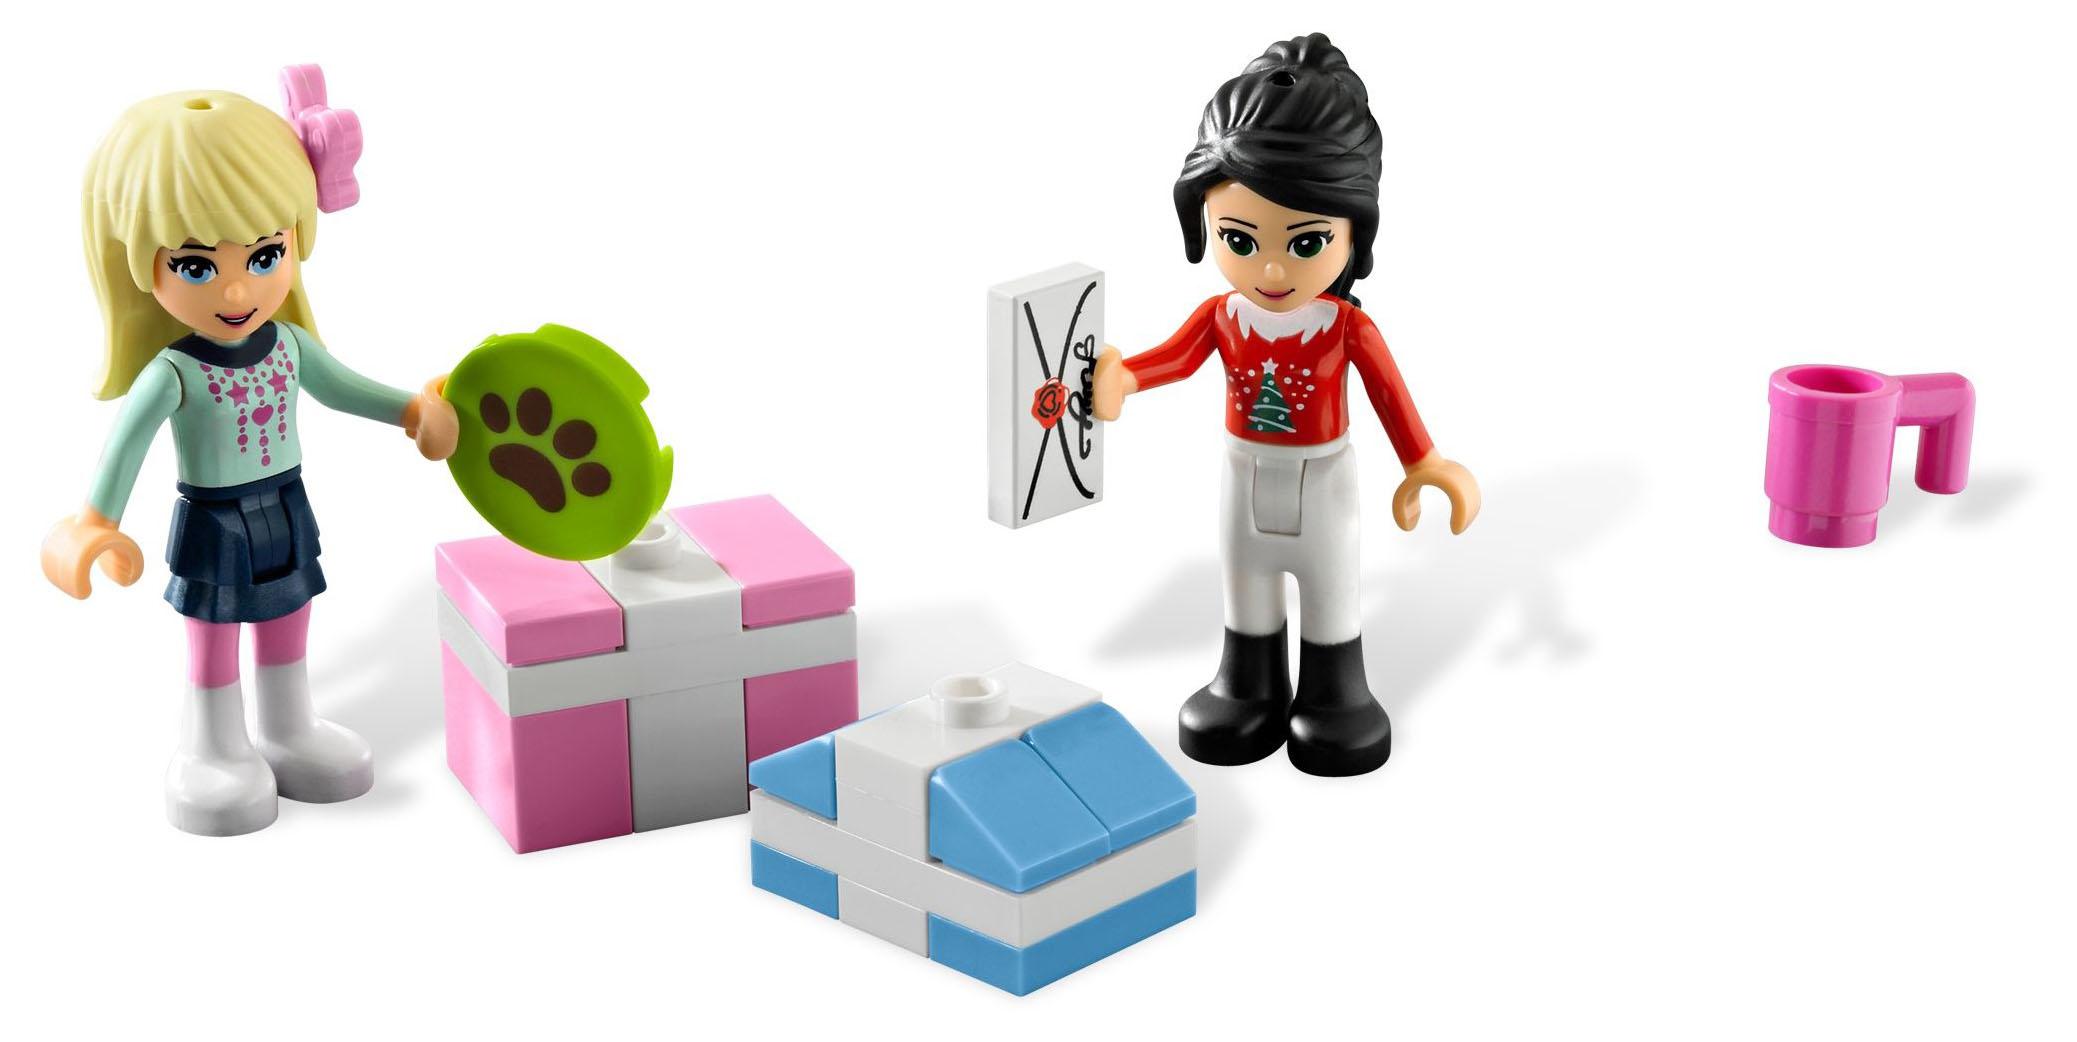 lego saisonnier 3316 pas cher le calendrier de l 39 avent lego friends 2012. Black Bedroom Furniture Sets. Home Design Ideas